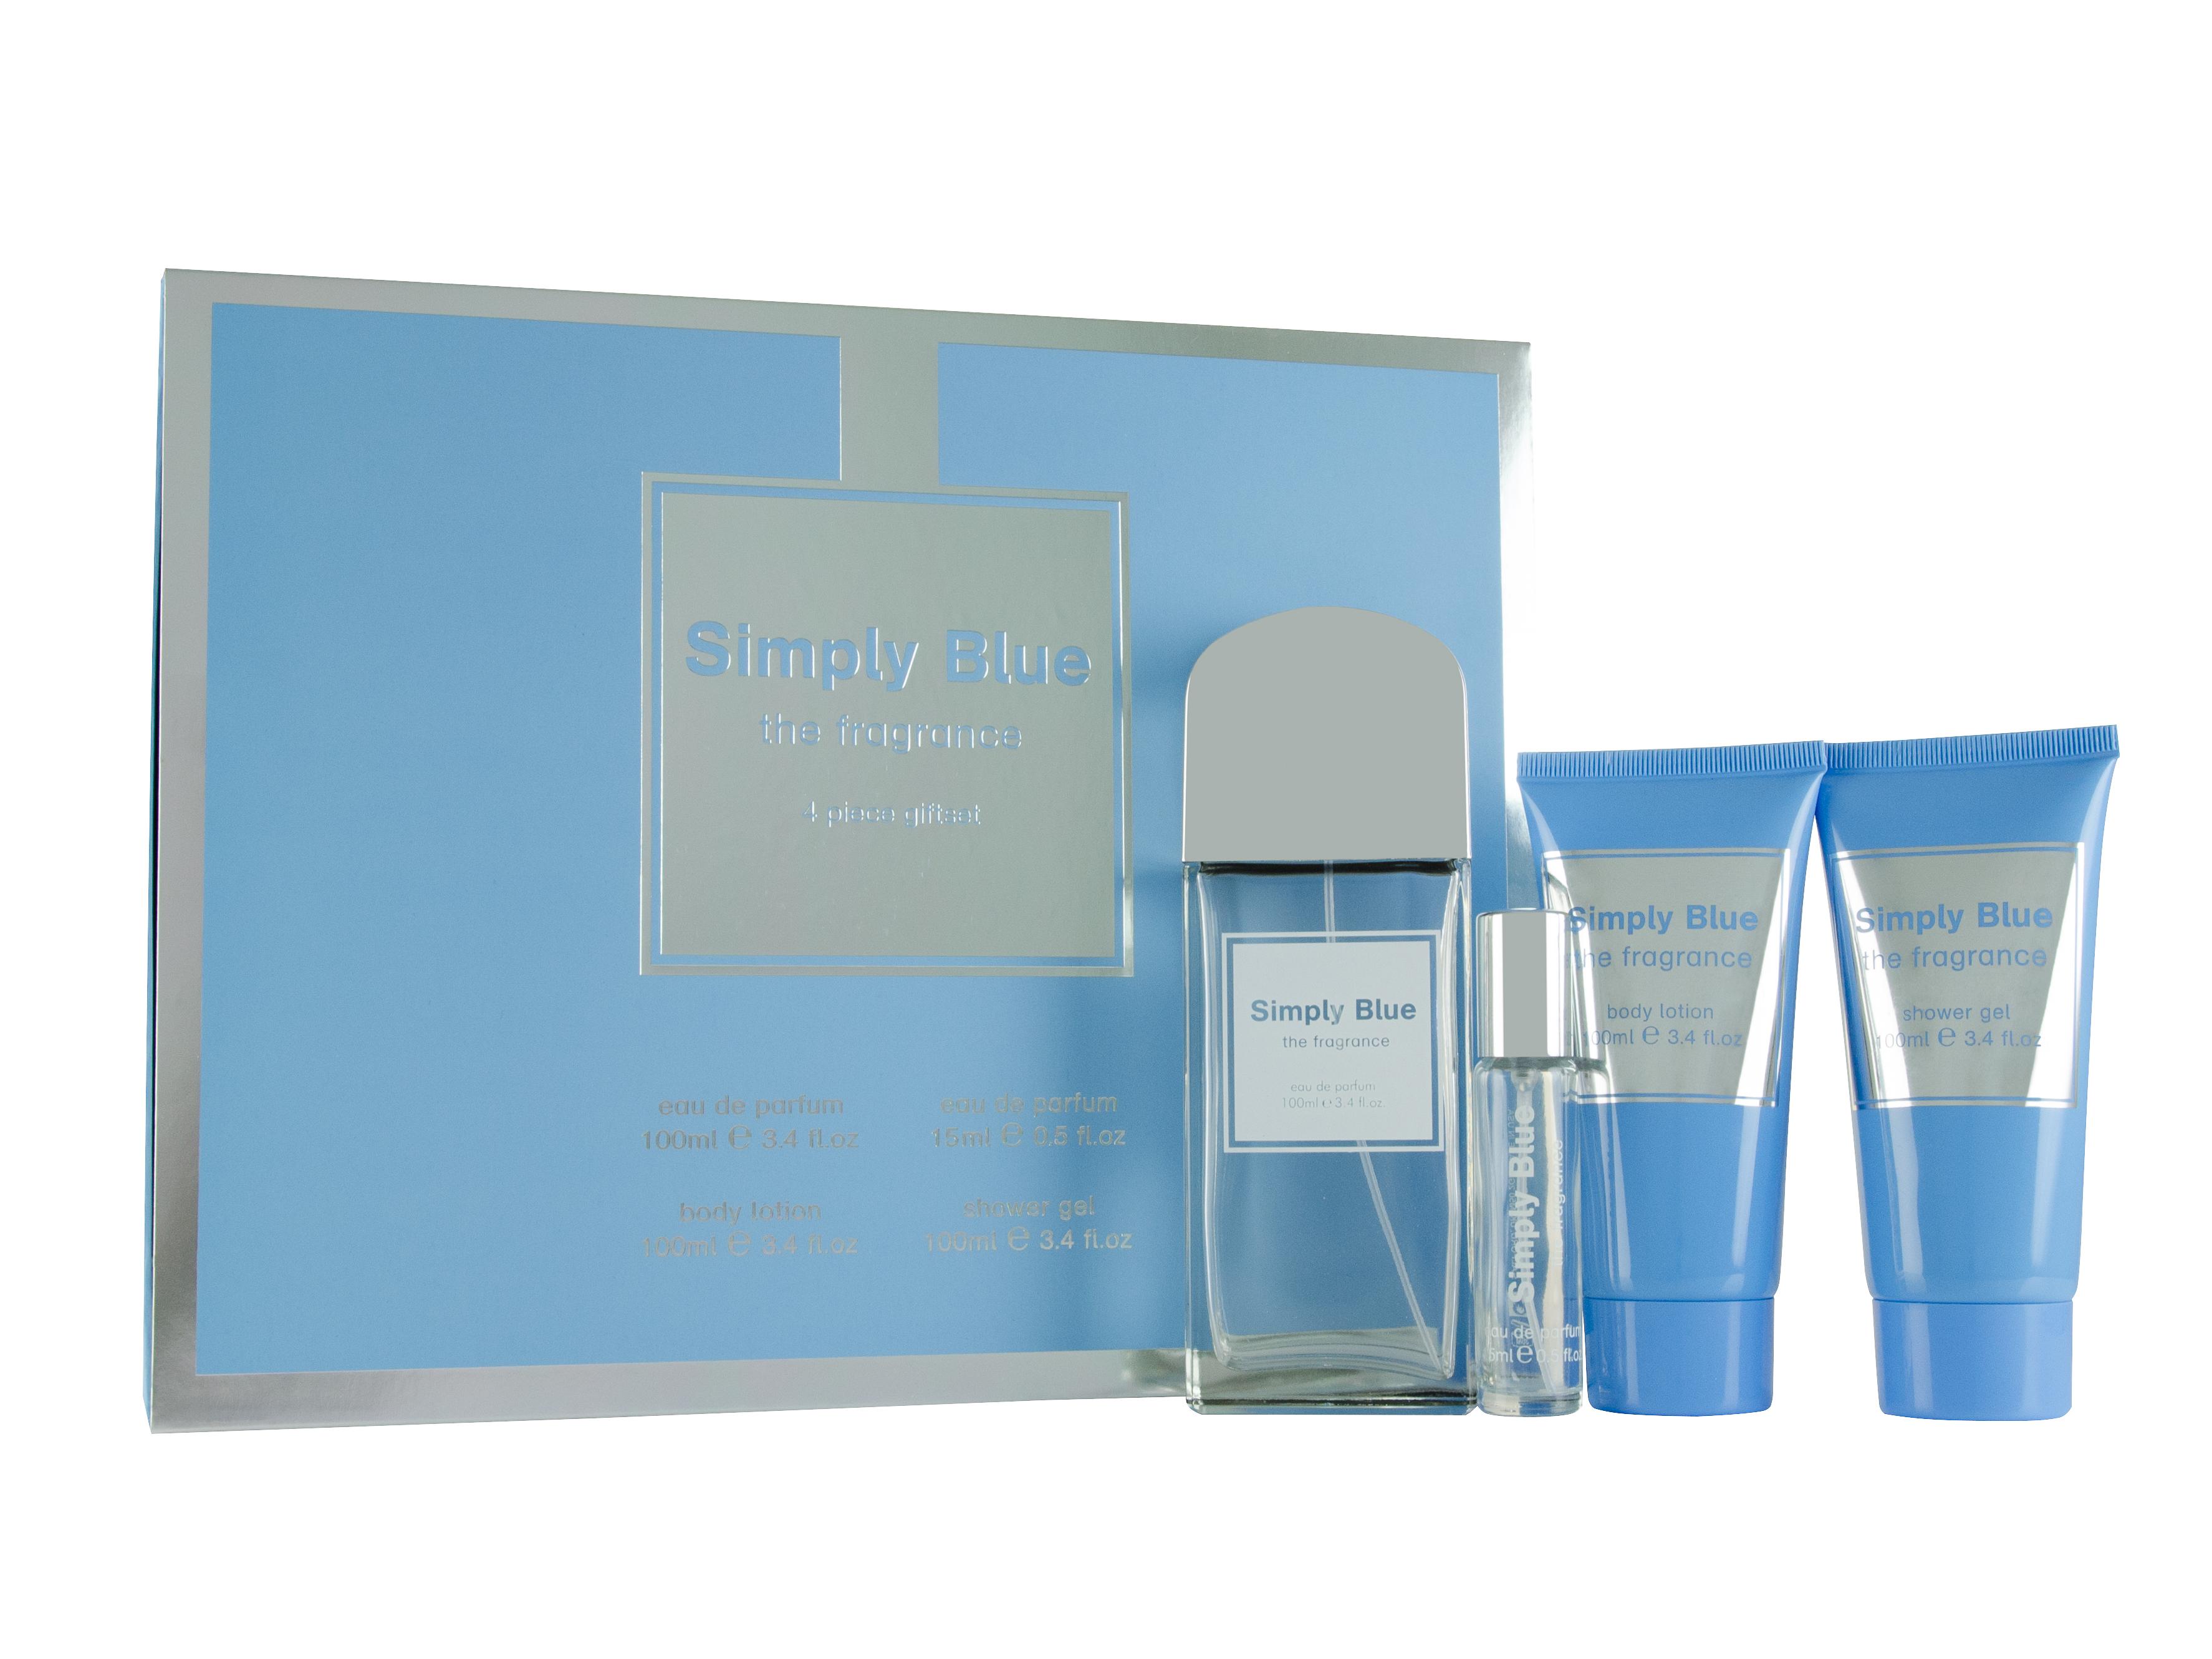 Simply Blue Eau de Parfum Gift Set : Eau de Parfum 100ml - Eau de Parfum 15ml - Body Lotion 100m - Shower Gel 100ml